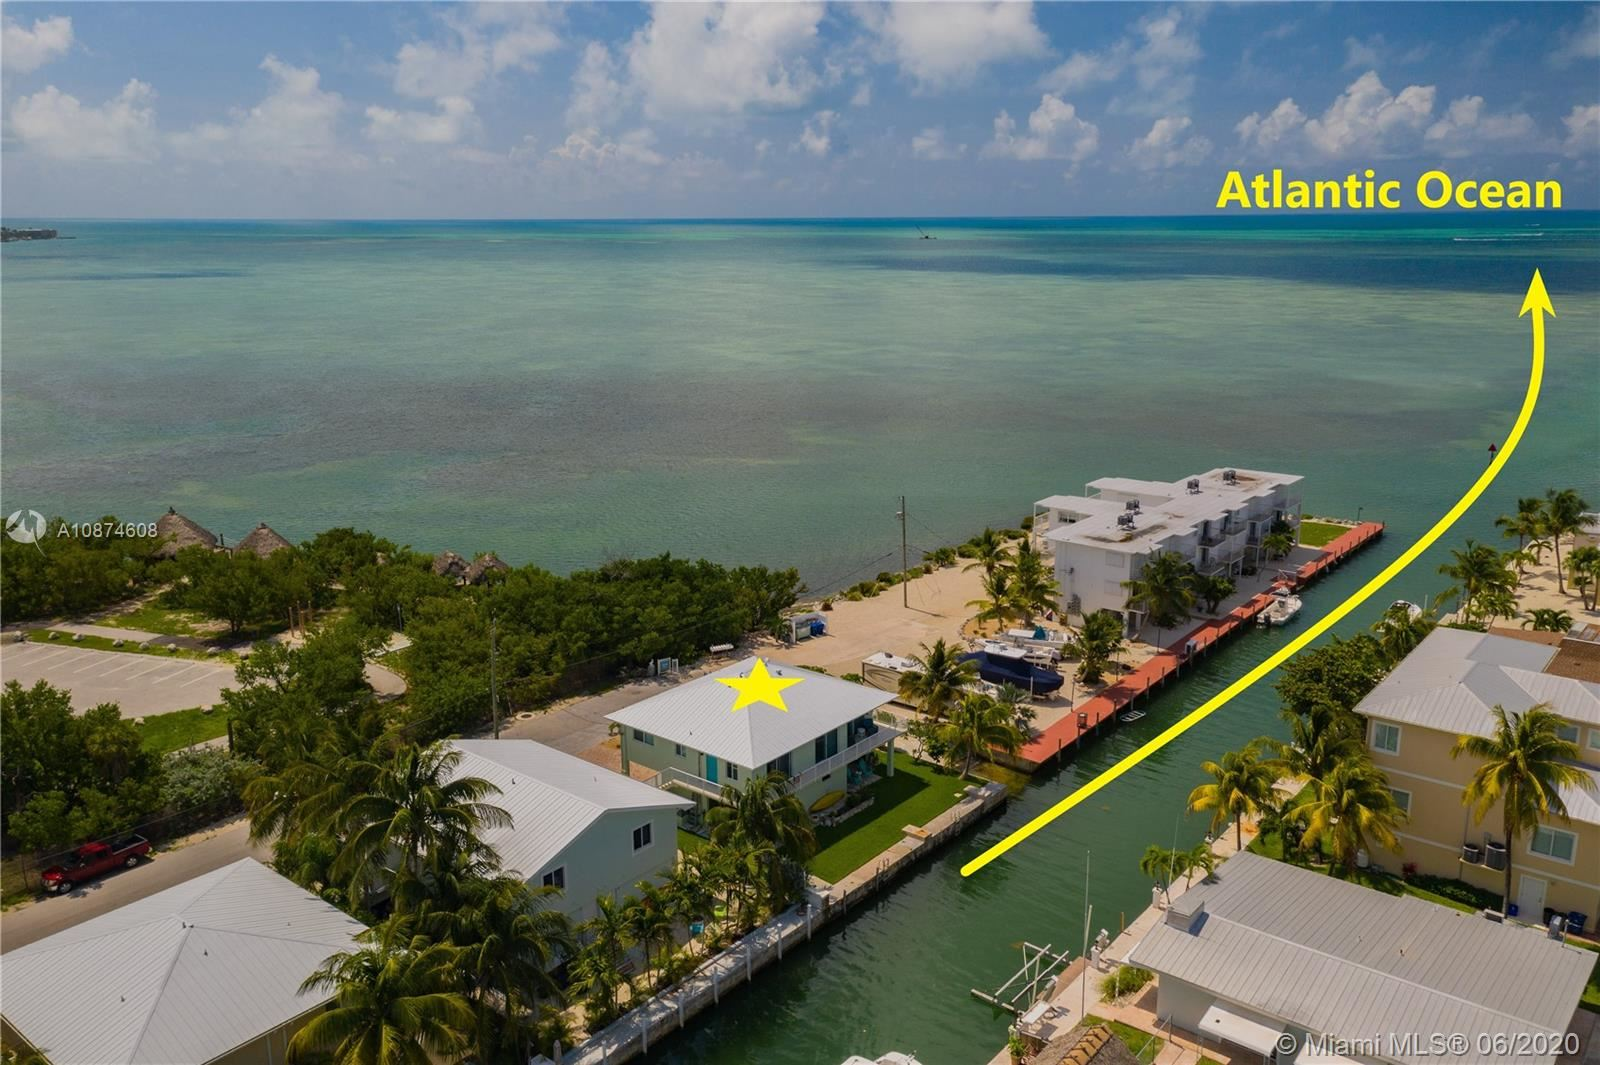 945 98th Street Ocean, Marathon, FL 33050 - #: A10874608